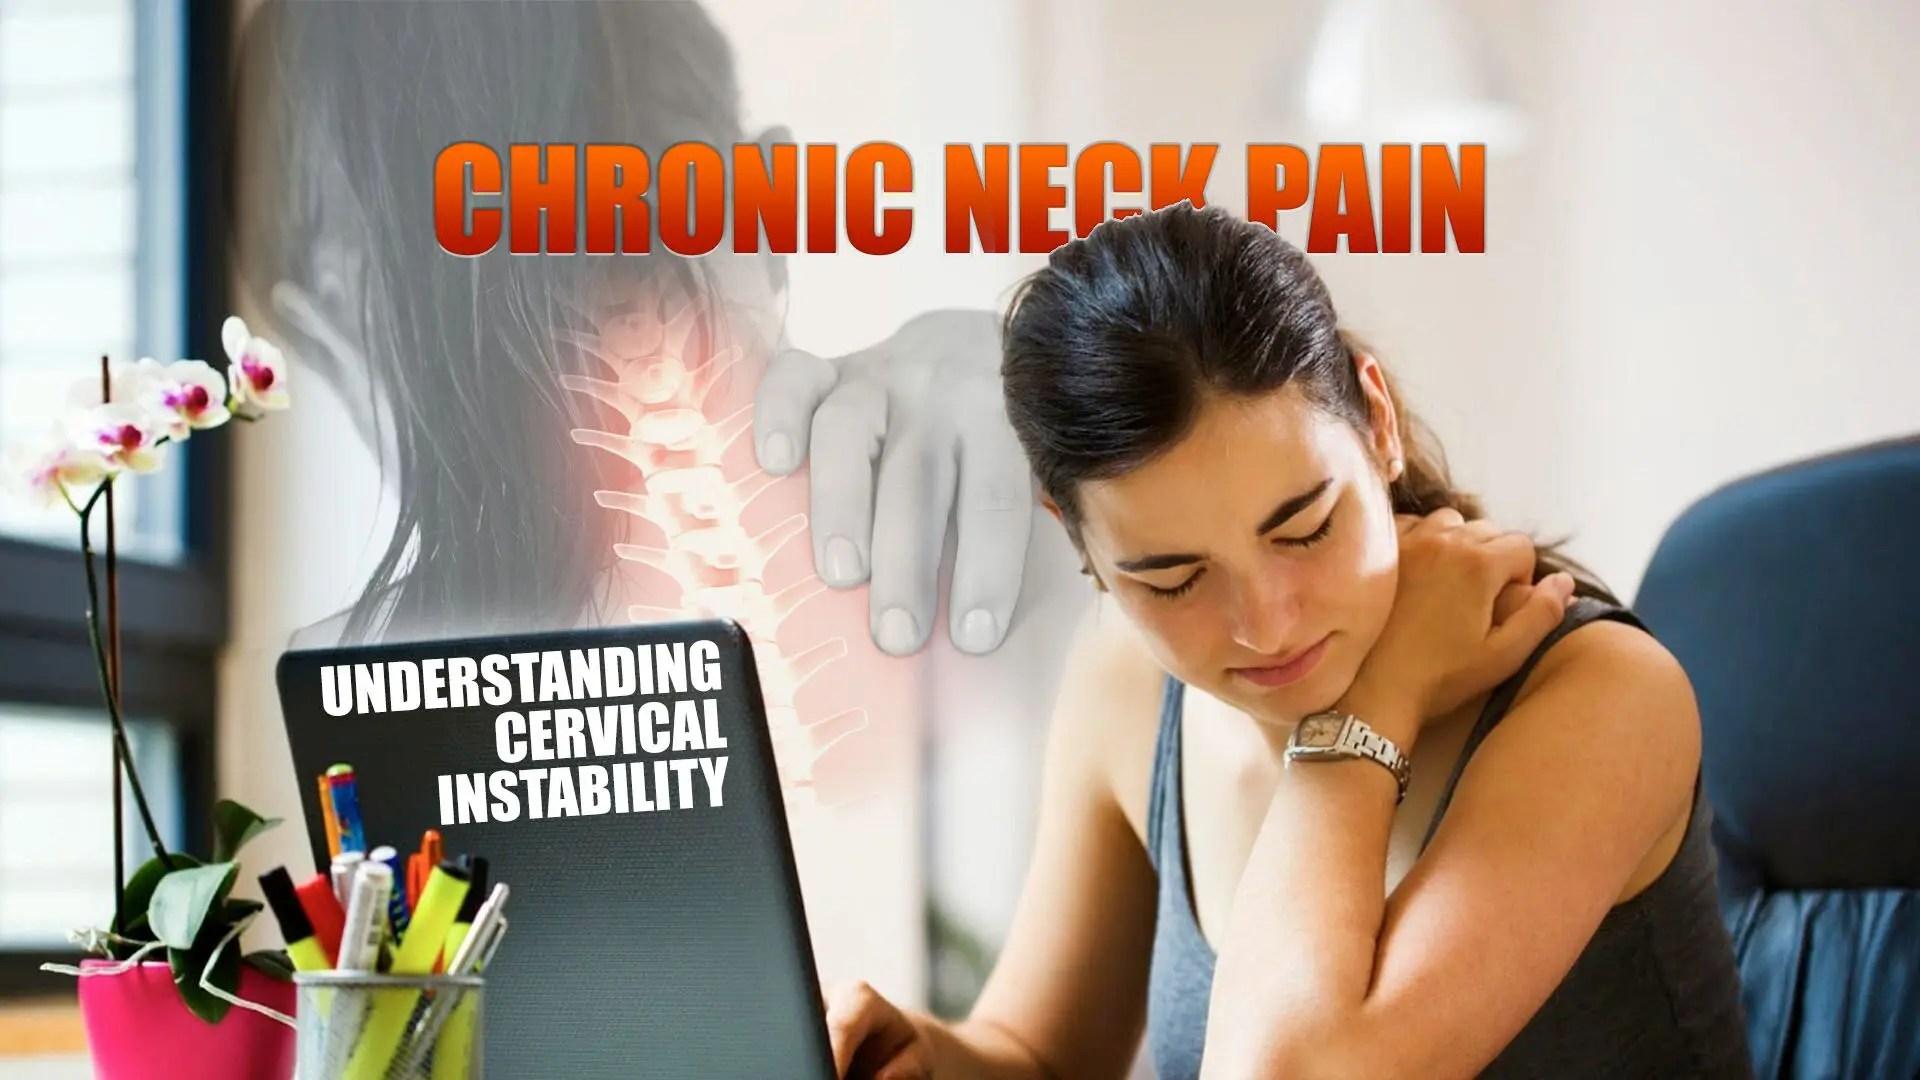 gerinc és ízületek fájdalmának összekapcsolása